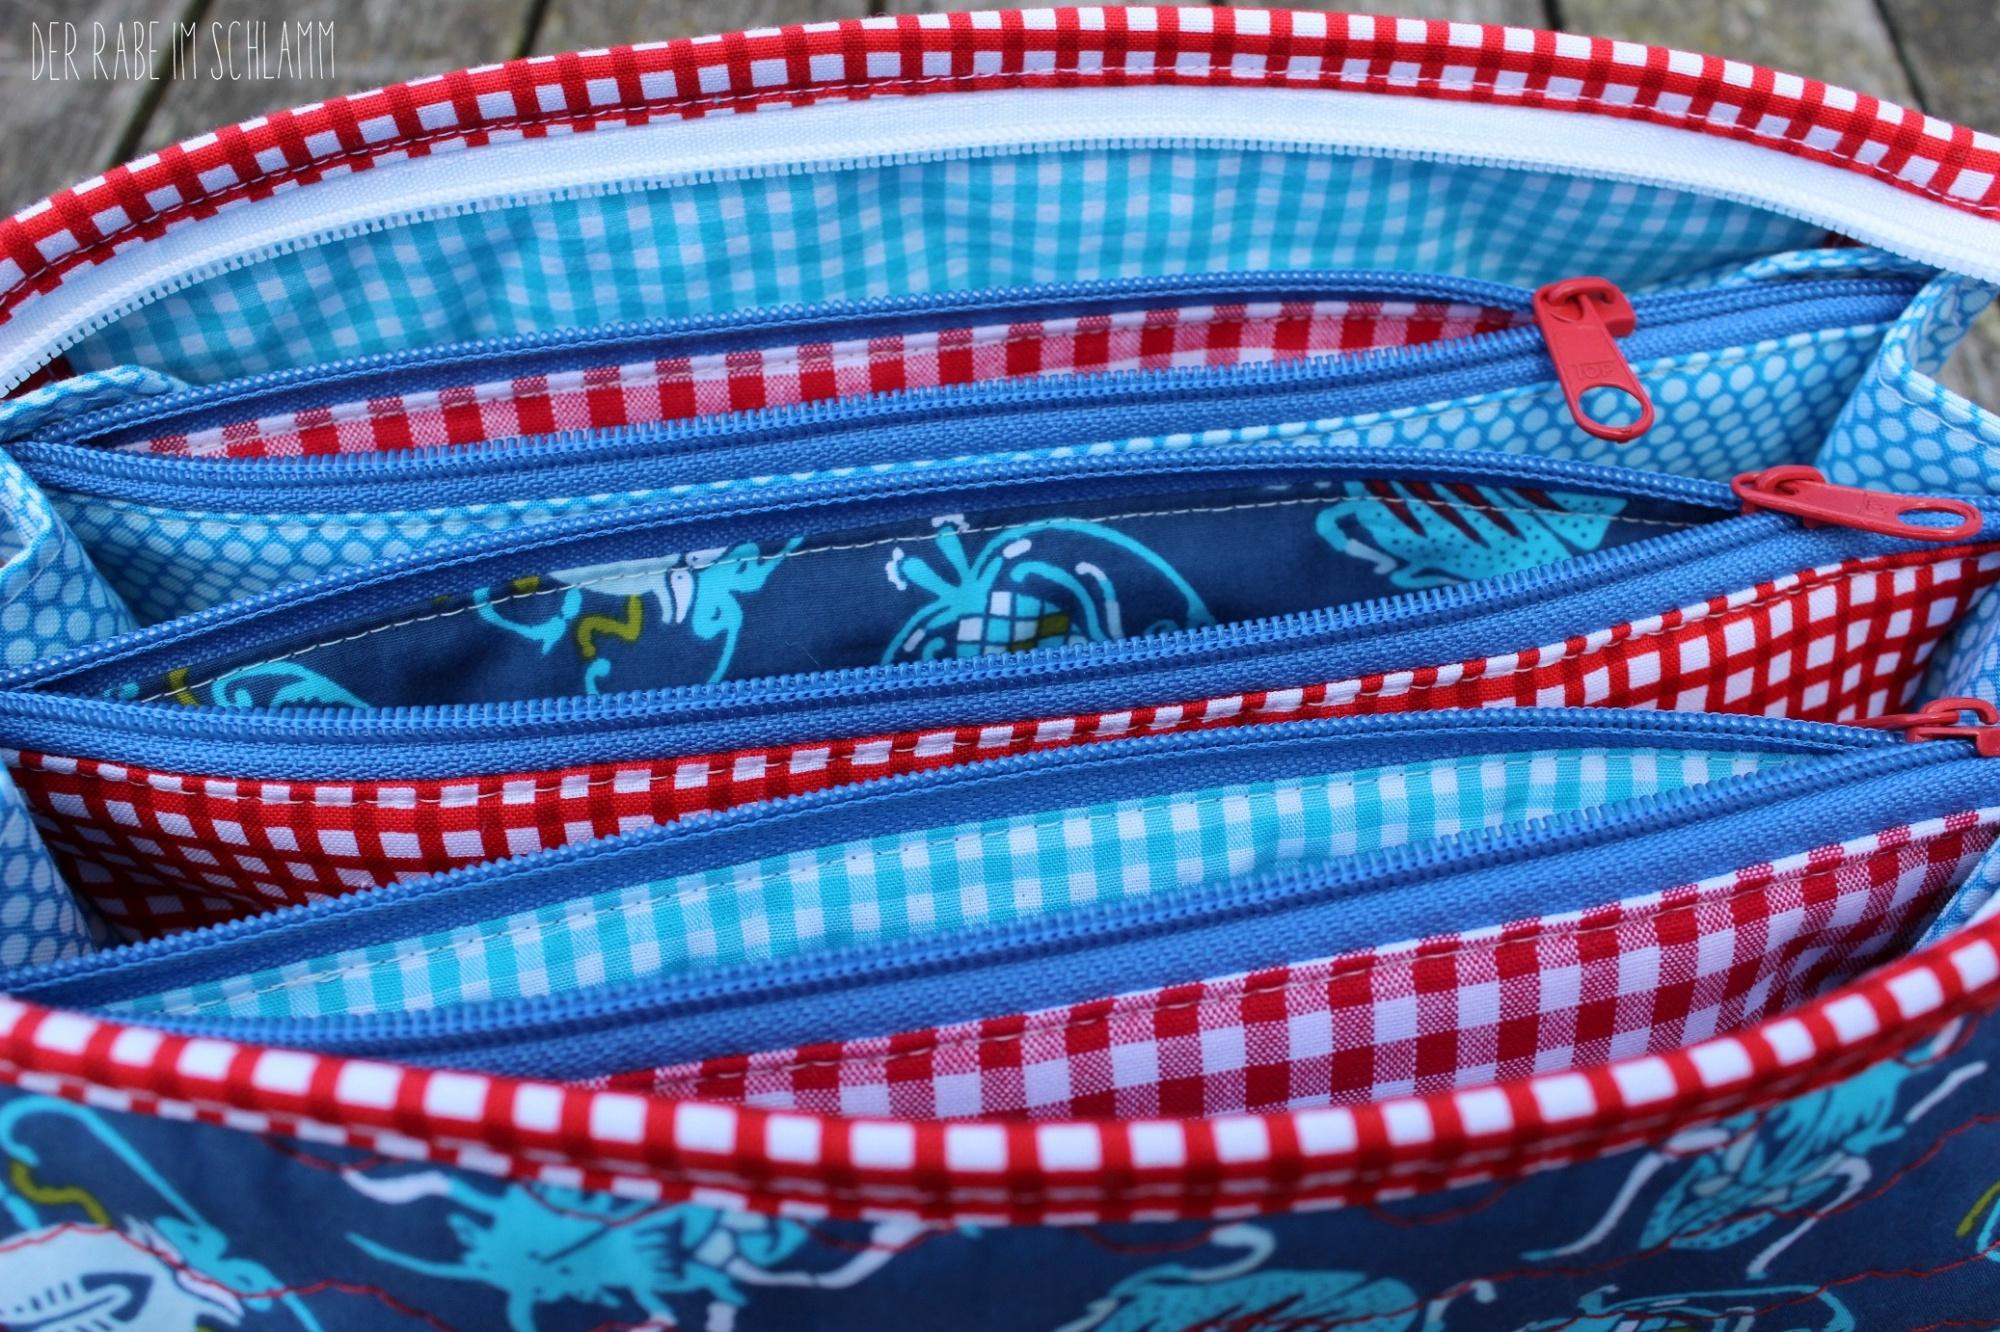 Sew Together Bag, Geschenk, Kosmetiktasche, Mäppchen,  Der Rabe im Schlamm, Nähen, Taschen